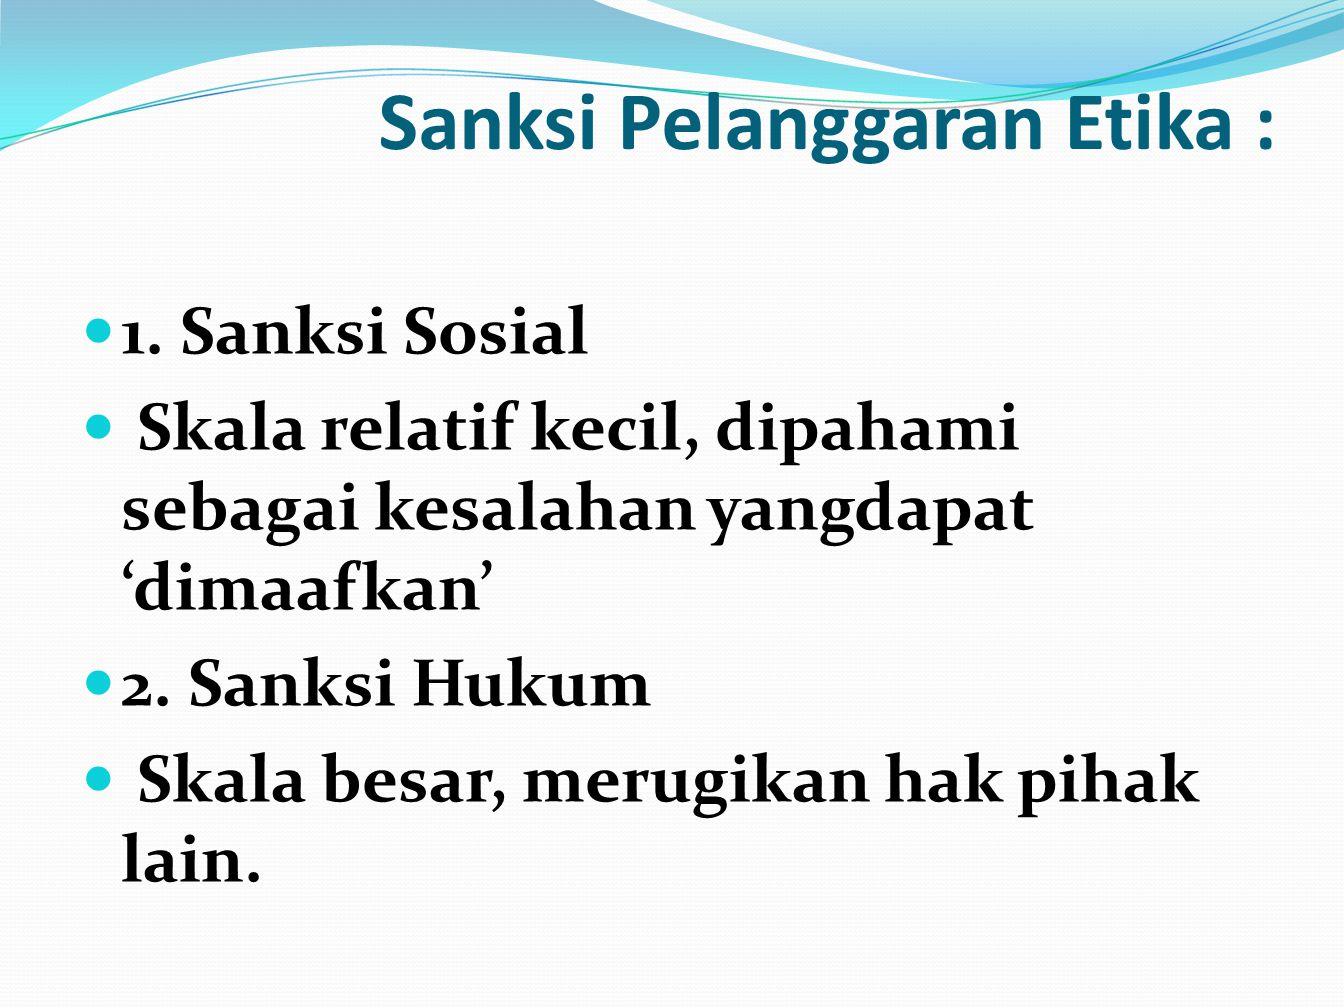 Sanksi Pelanggaran Etika : 1. Sanksi Sosial Skala relatif kecil, dipahami sebagai kesalahan yangdapat 'dimaafkan' 2. Sanksi Hukum Skala besar, merugik